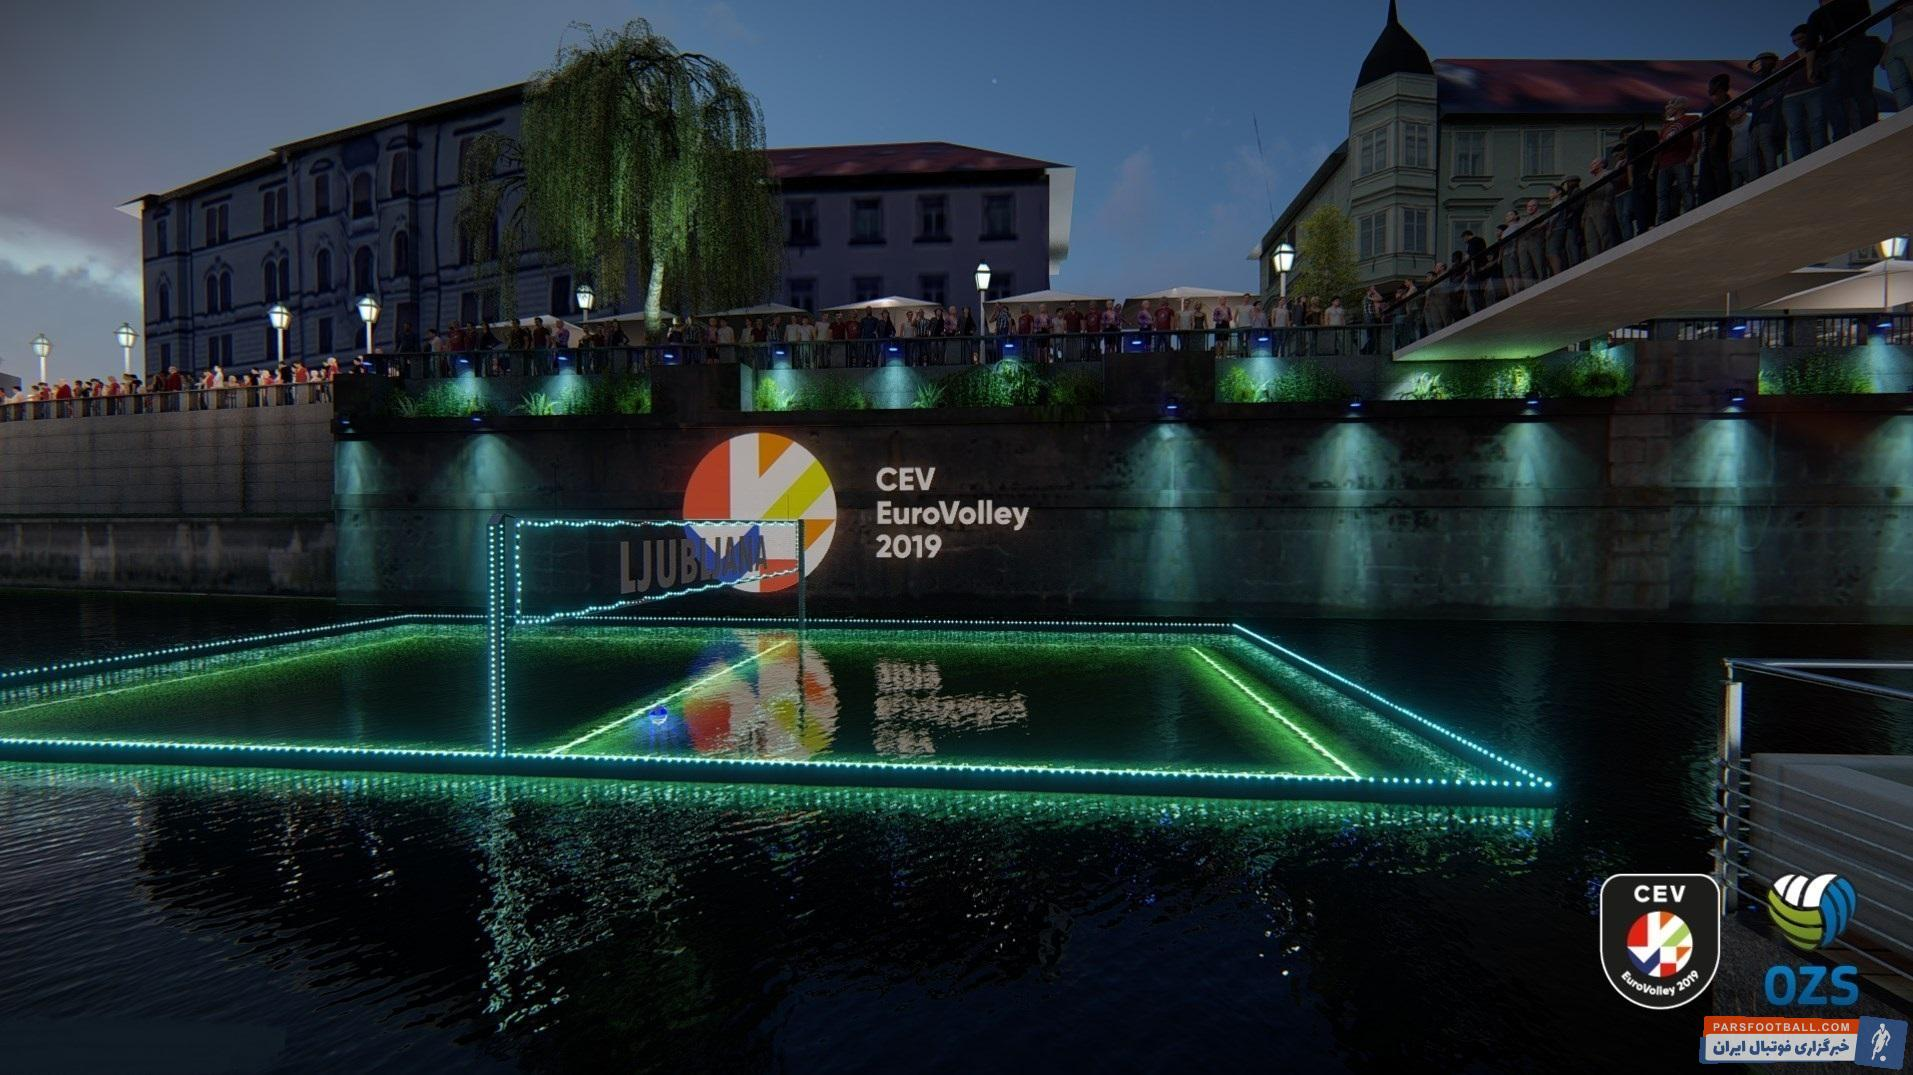 شهر «لیوبلیانا» میزبان یورو والی ۲۰۱۹ خواهد بود و این در حالی است که مسئولان ورزش و والیبال اسلوونی در تدارک یک رویداد خاص و بینظیر برای والیبال هستند.